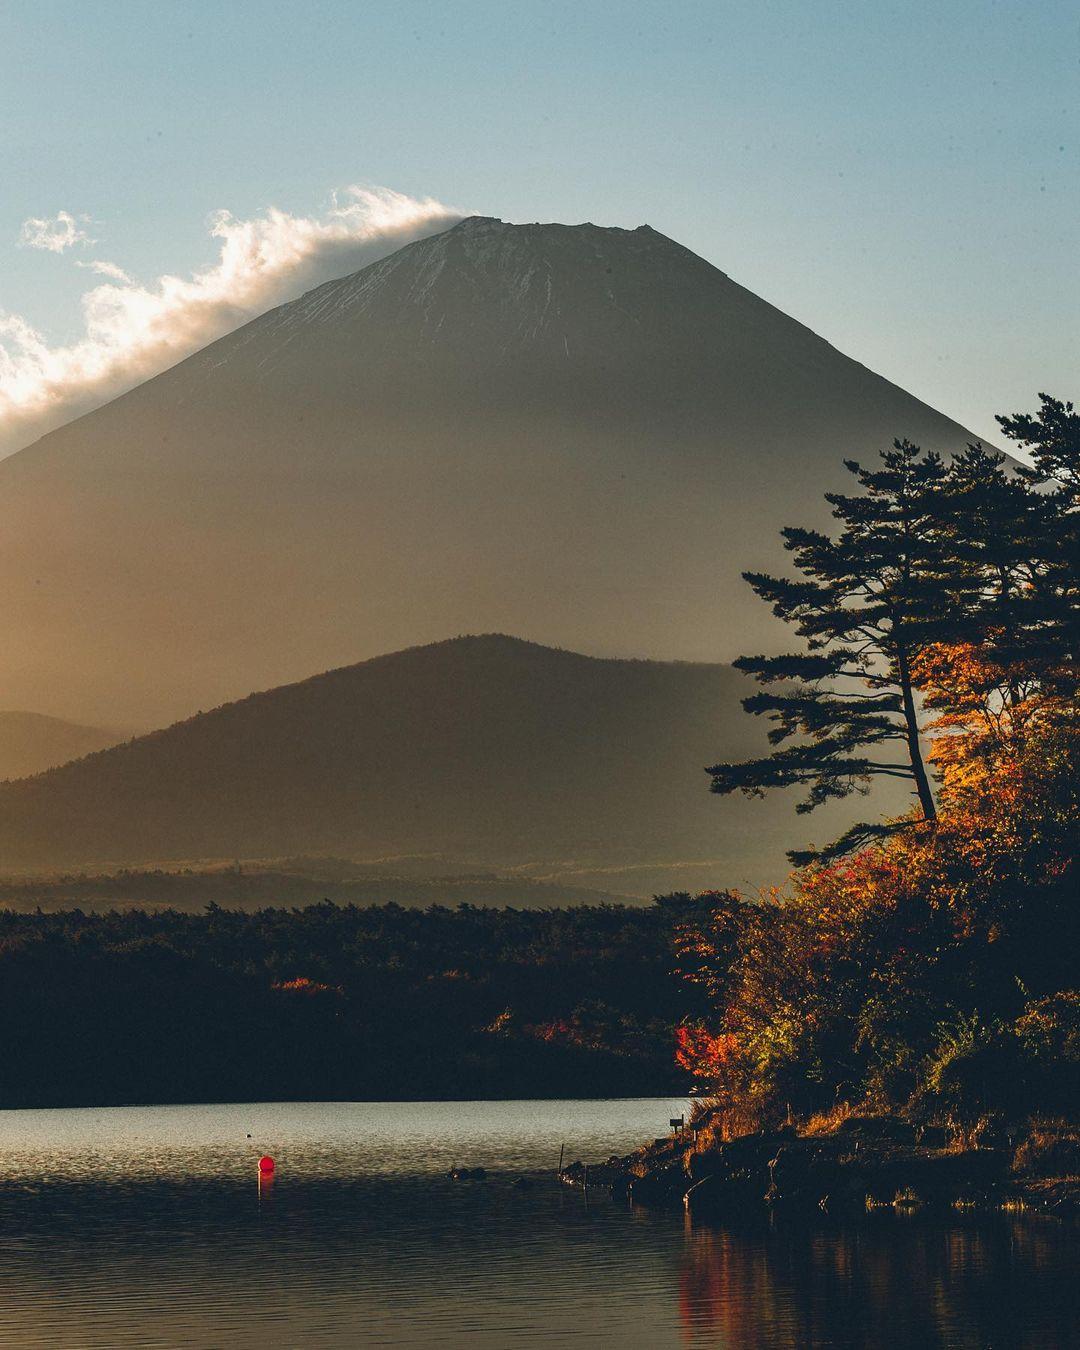 Пейзажи и улицы Японии на снимках Юма Ямашиты